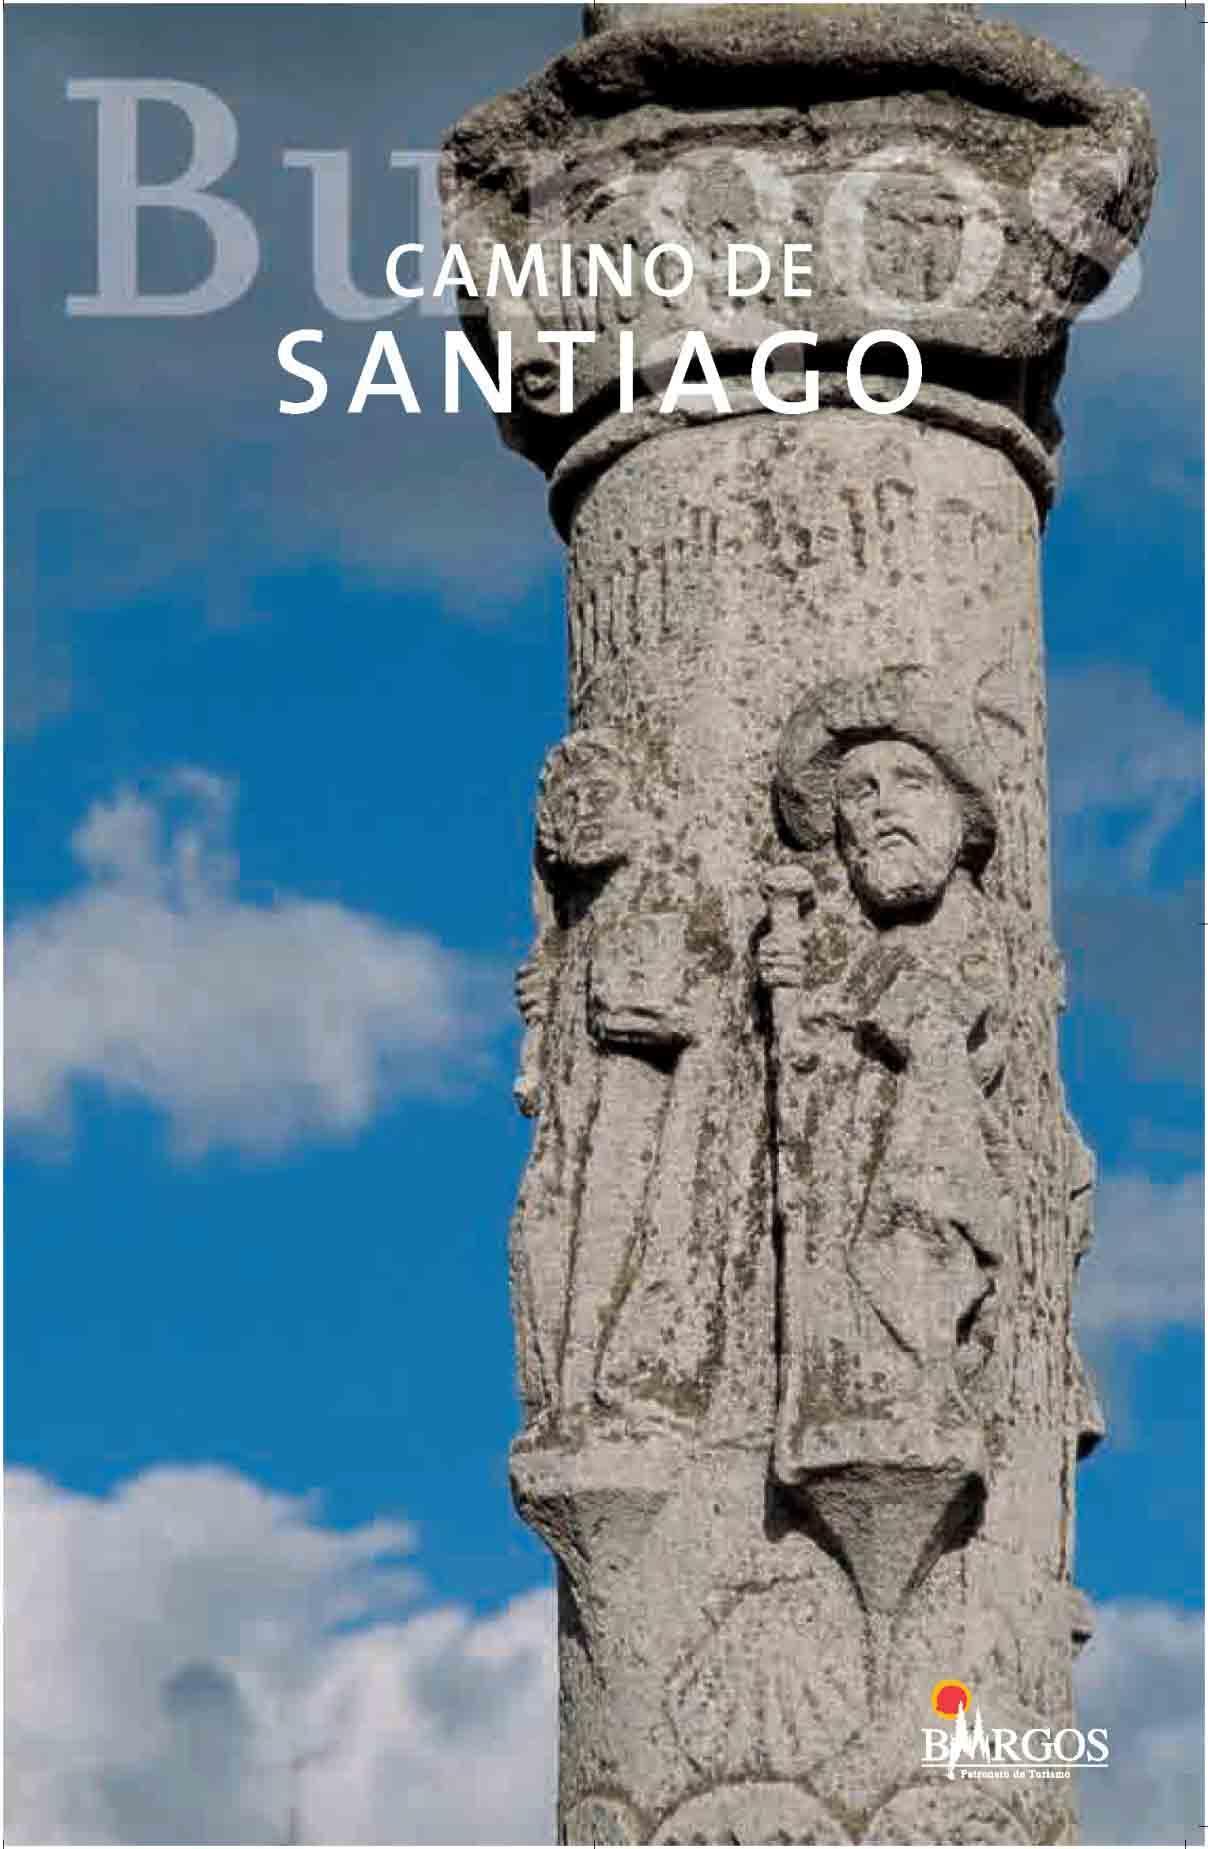 Burgos.Camino de Santiago